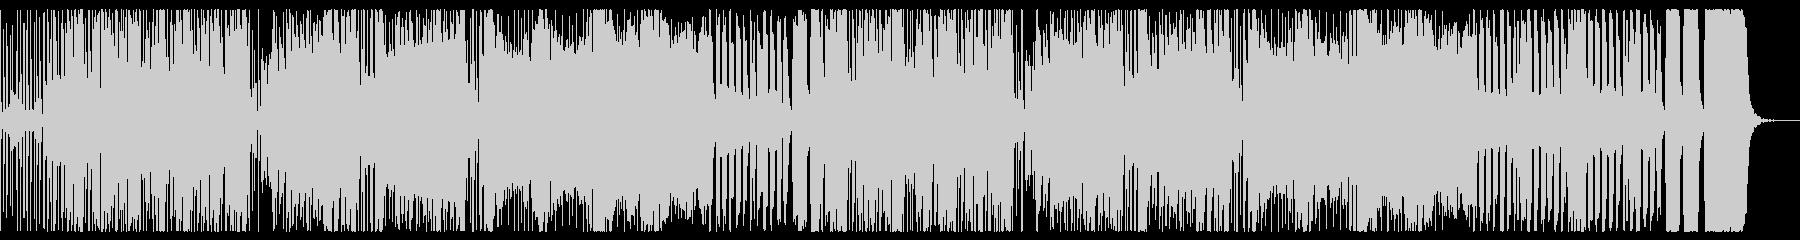 ハロウィンのにぎやかな曲の未再生の波形